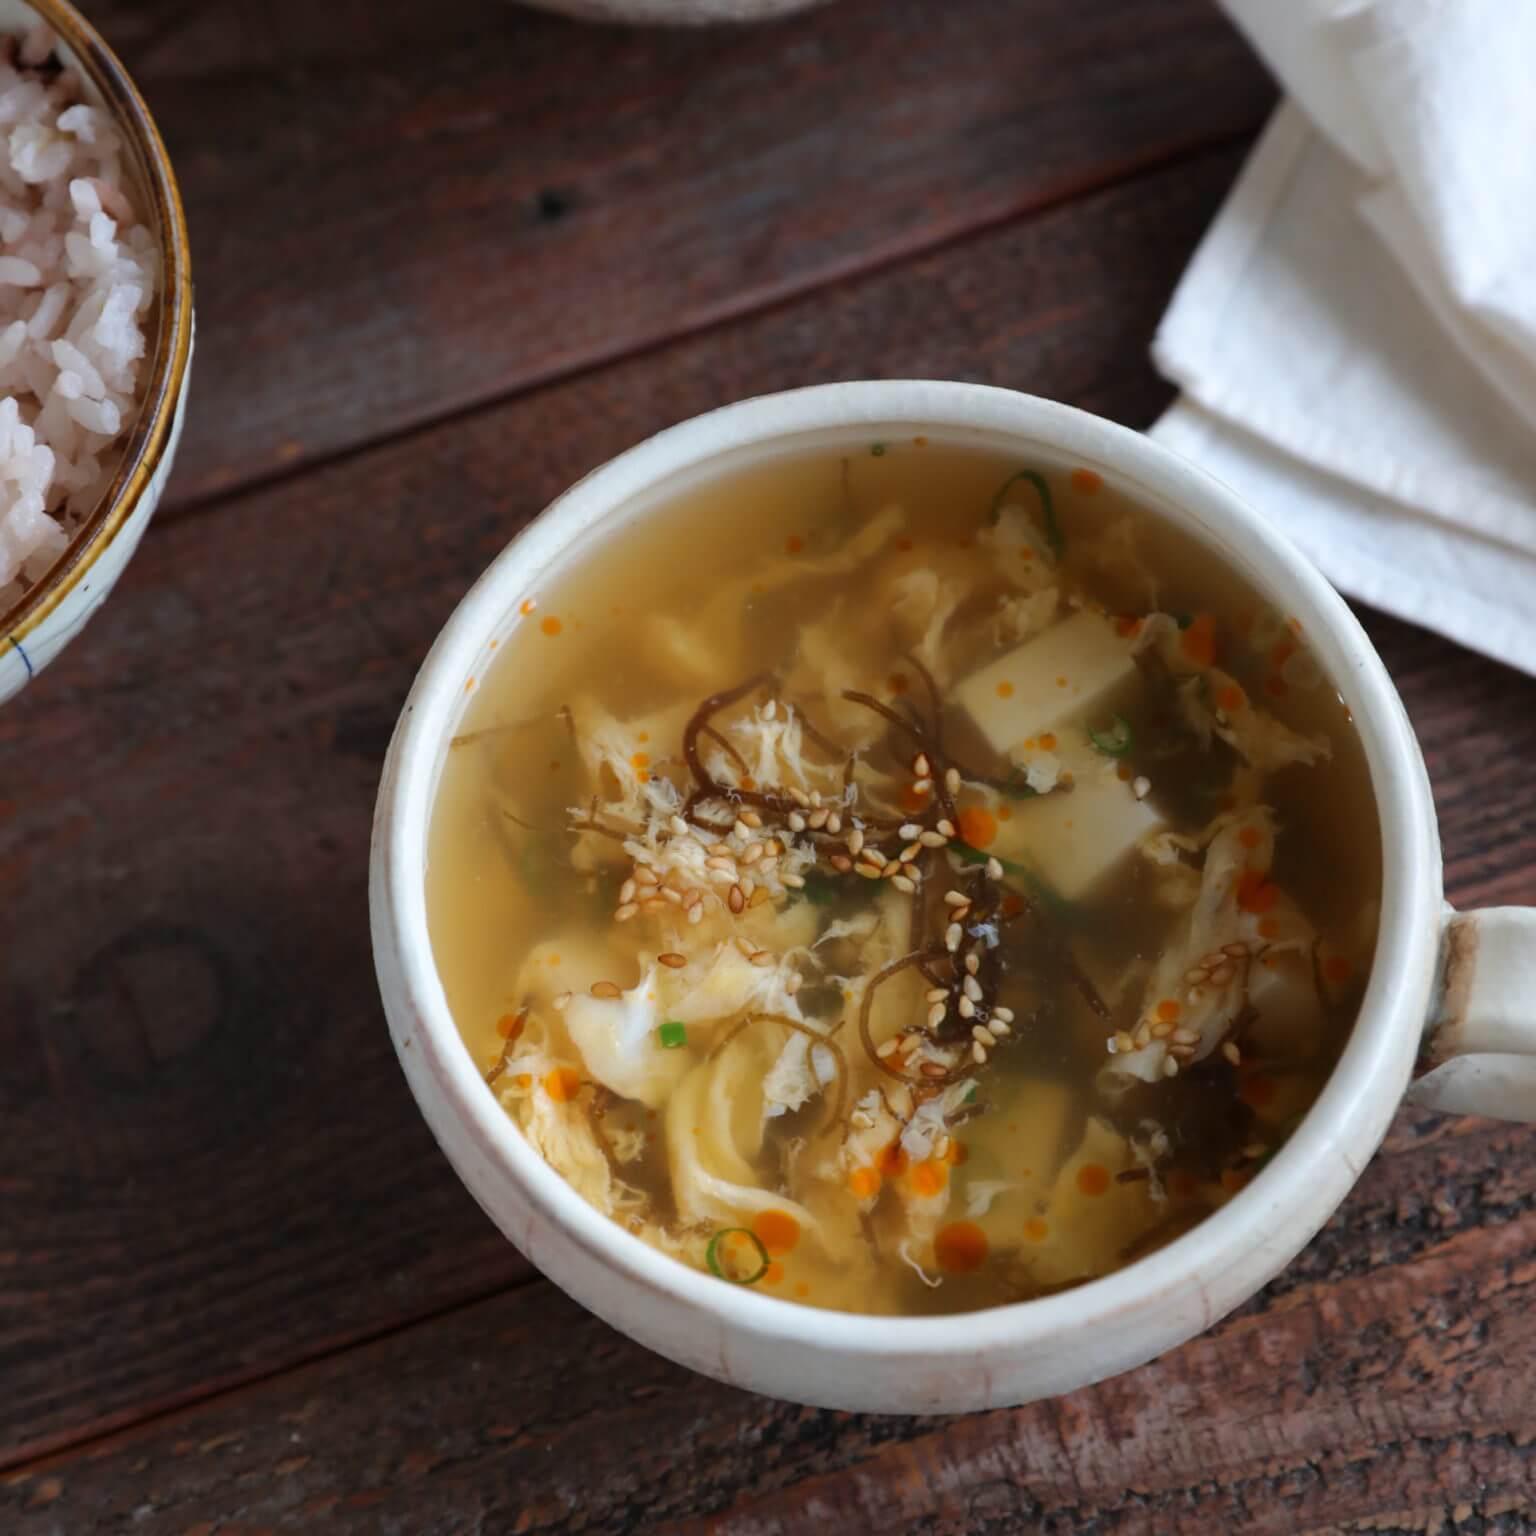 人気 レシピ もずく 酢 もずくのサッパリサラダ(副菜) レシピ・作り方